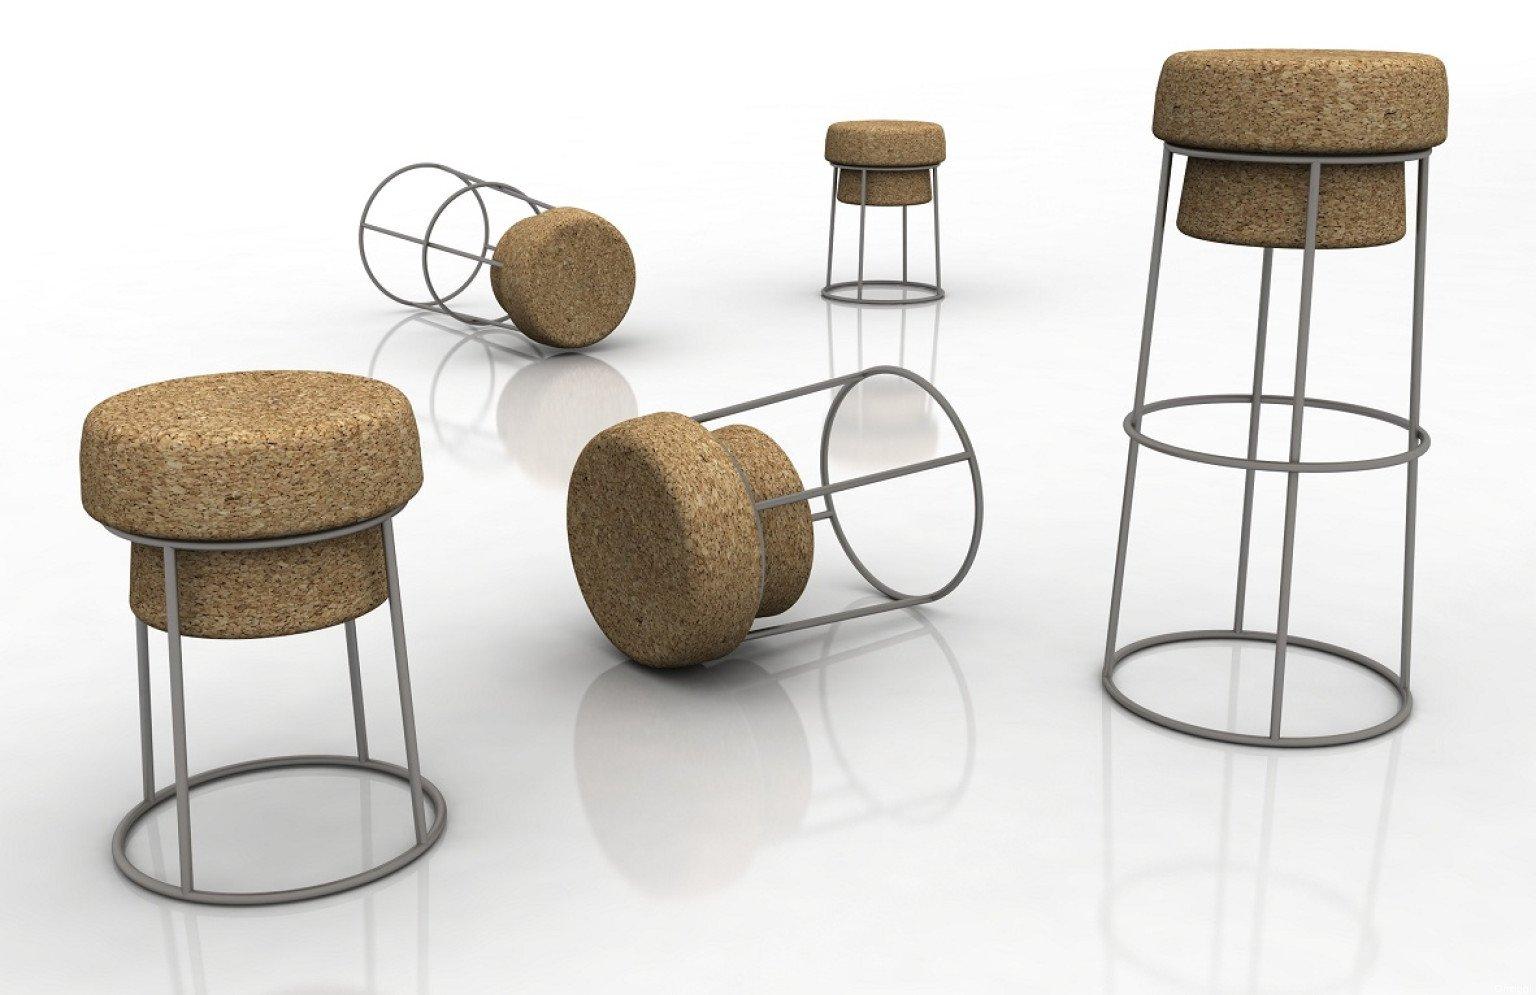 Arredamento in sughero mobili di design ed esempi designandmore